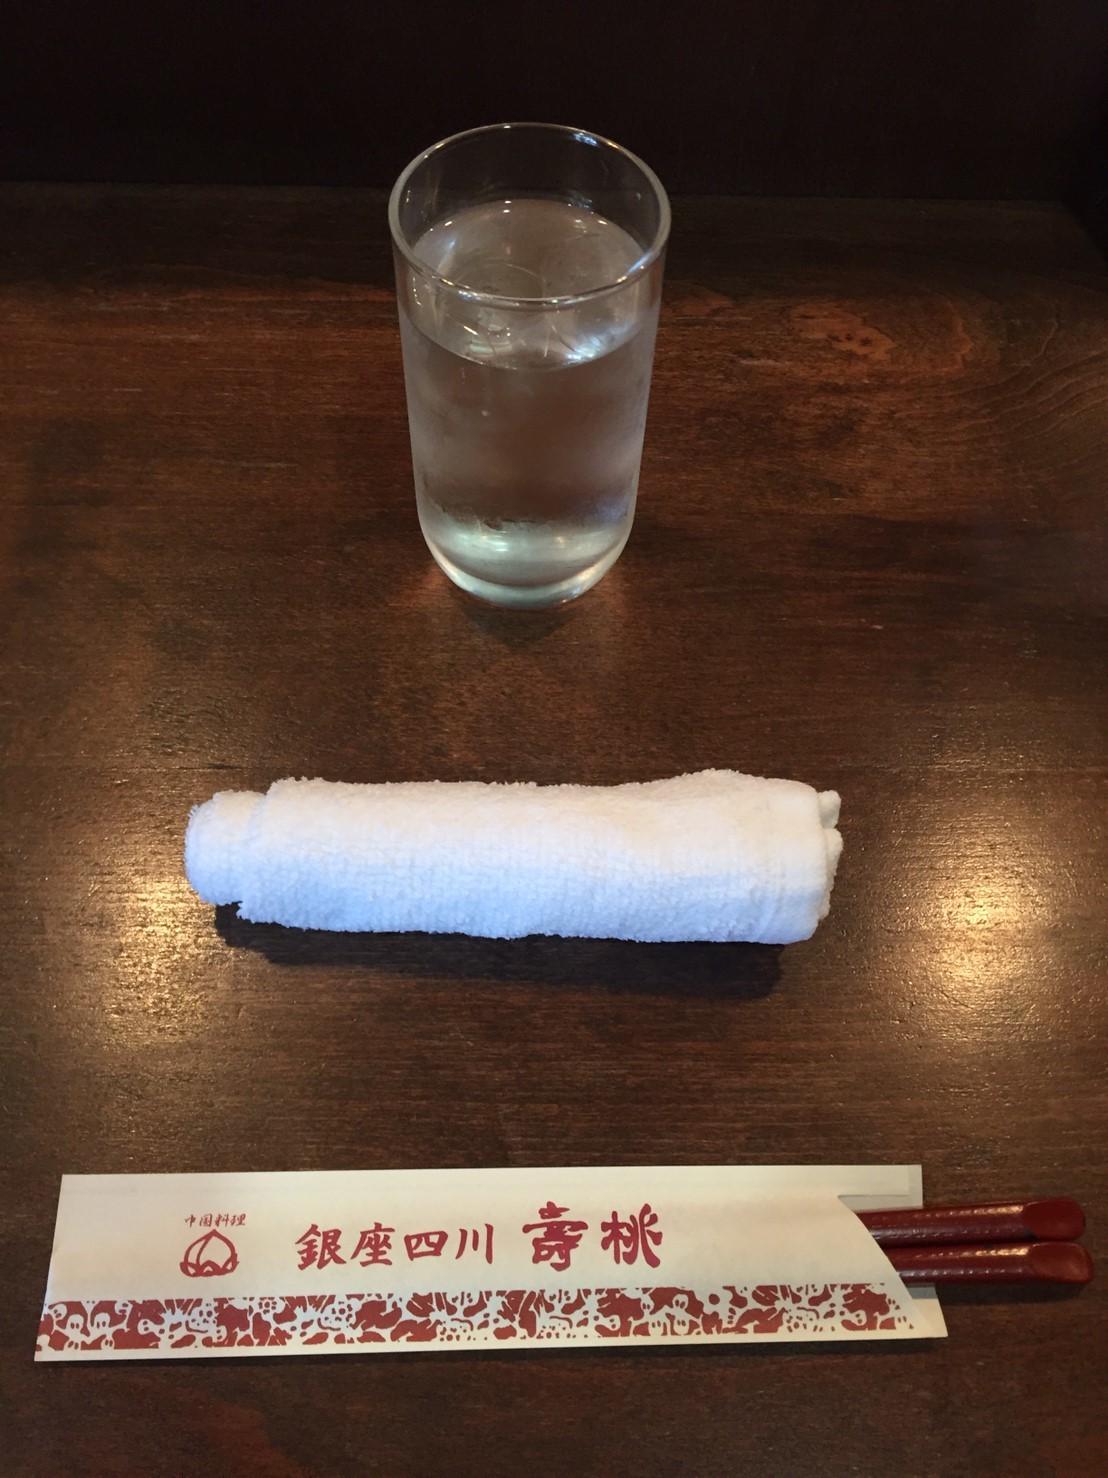 中国料理 銀座四川 壽桃  ランチ ファイナル_e0115904_05162356.jpg